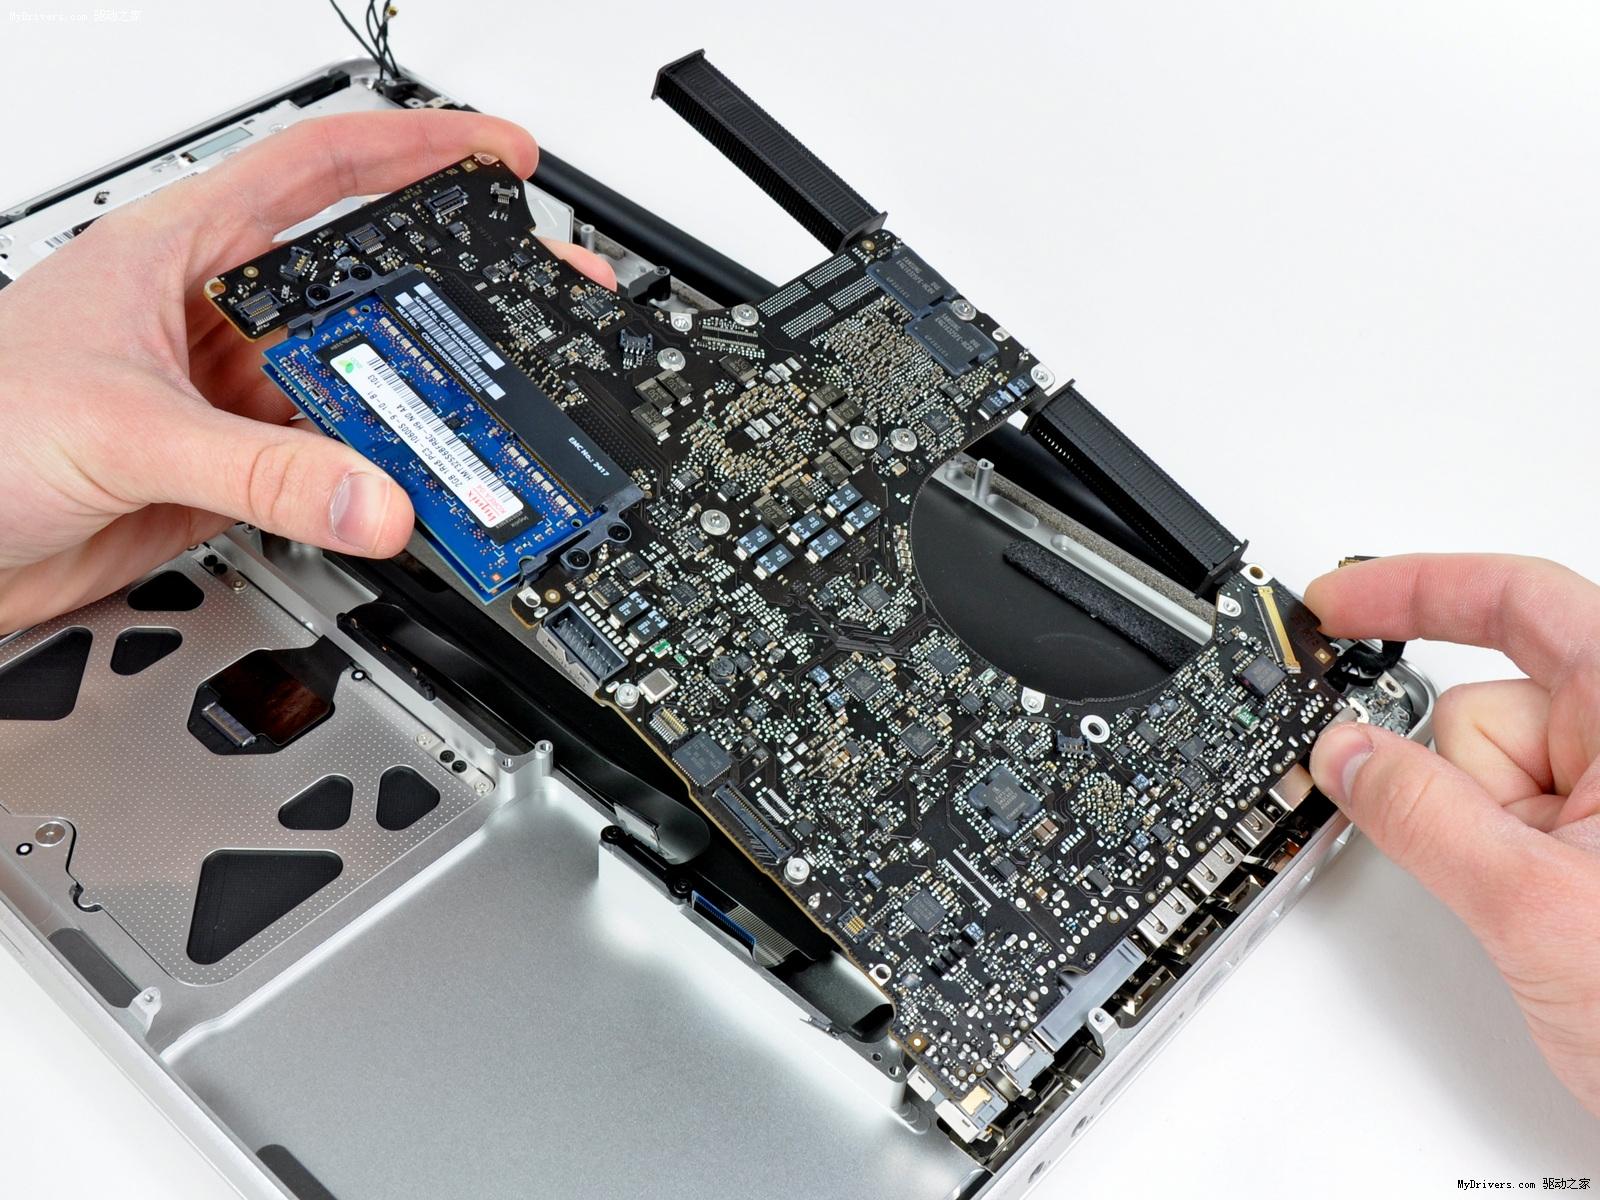 苹果今天发布的新一代MacBook Pro外观并未作出修改,但Sandy Bridge处理器平台,以及Thunderbolt新一代I/O接口的引入都预示着它可能在内部进行了较大的设计升级。在新机上市的当天,拆解专家iFixit就放出了他们的拆解报告。  此次拆解的新款MacBook Pro为15寸机型,首次标配了四核Core i7处理器。图中USB接口左侧即为升级新增的Thunderbolt接口,替代原有的Mini DisplayPort(Mini DP设备/转接头在Thunderbolt接口上仍可使用)